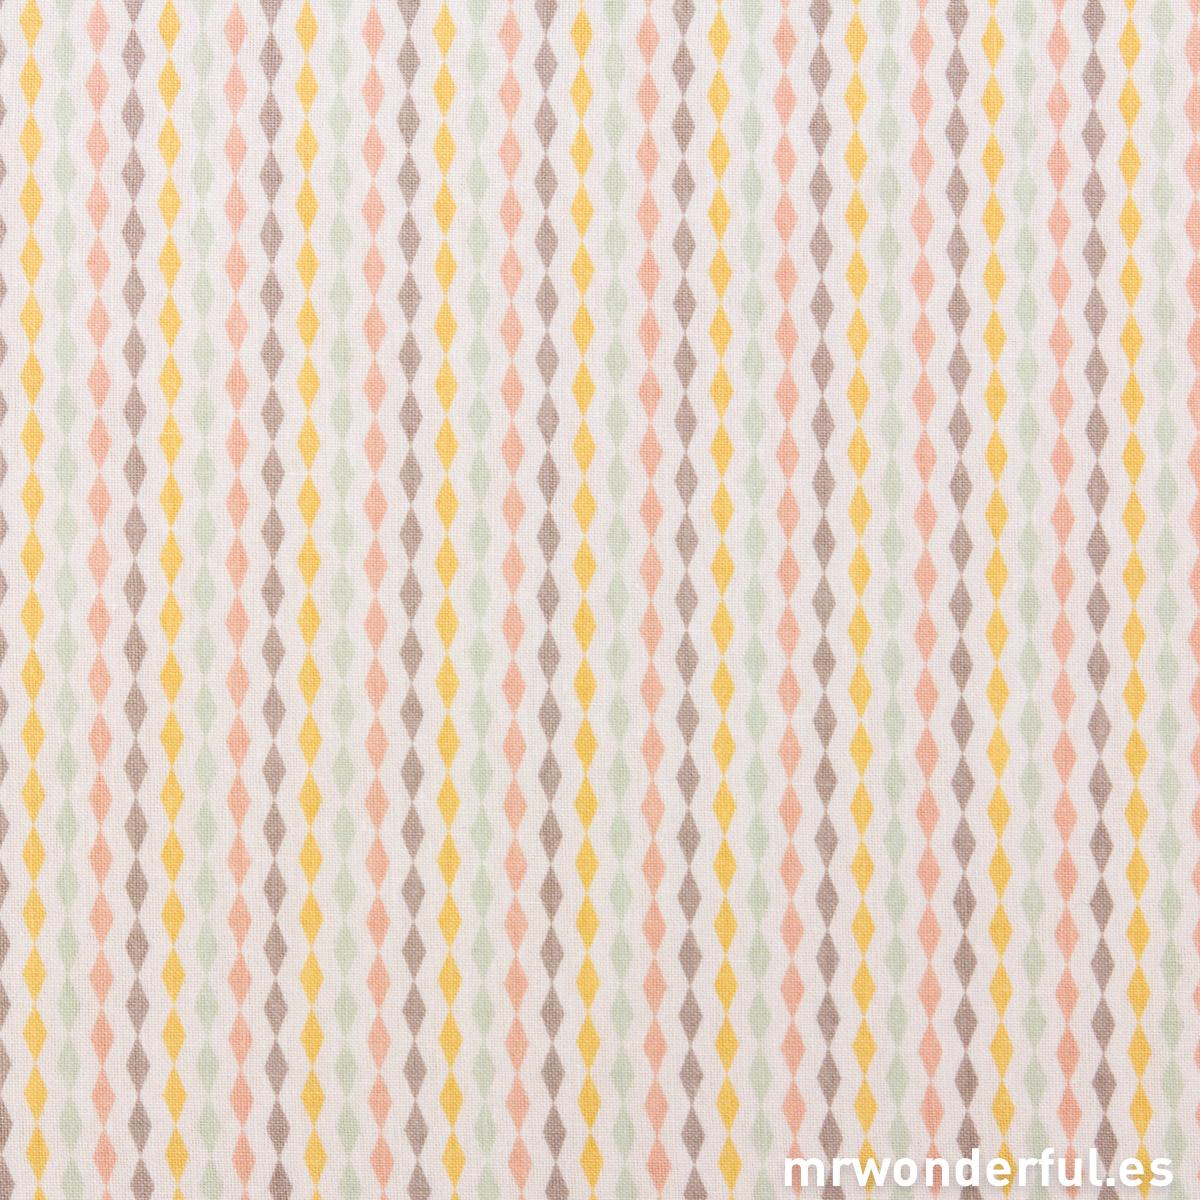 mrwonderful_DFS3S34_textil-adhesivo-algodon-scrap_street-5